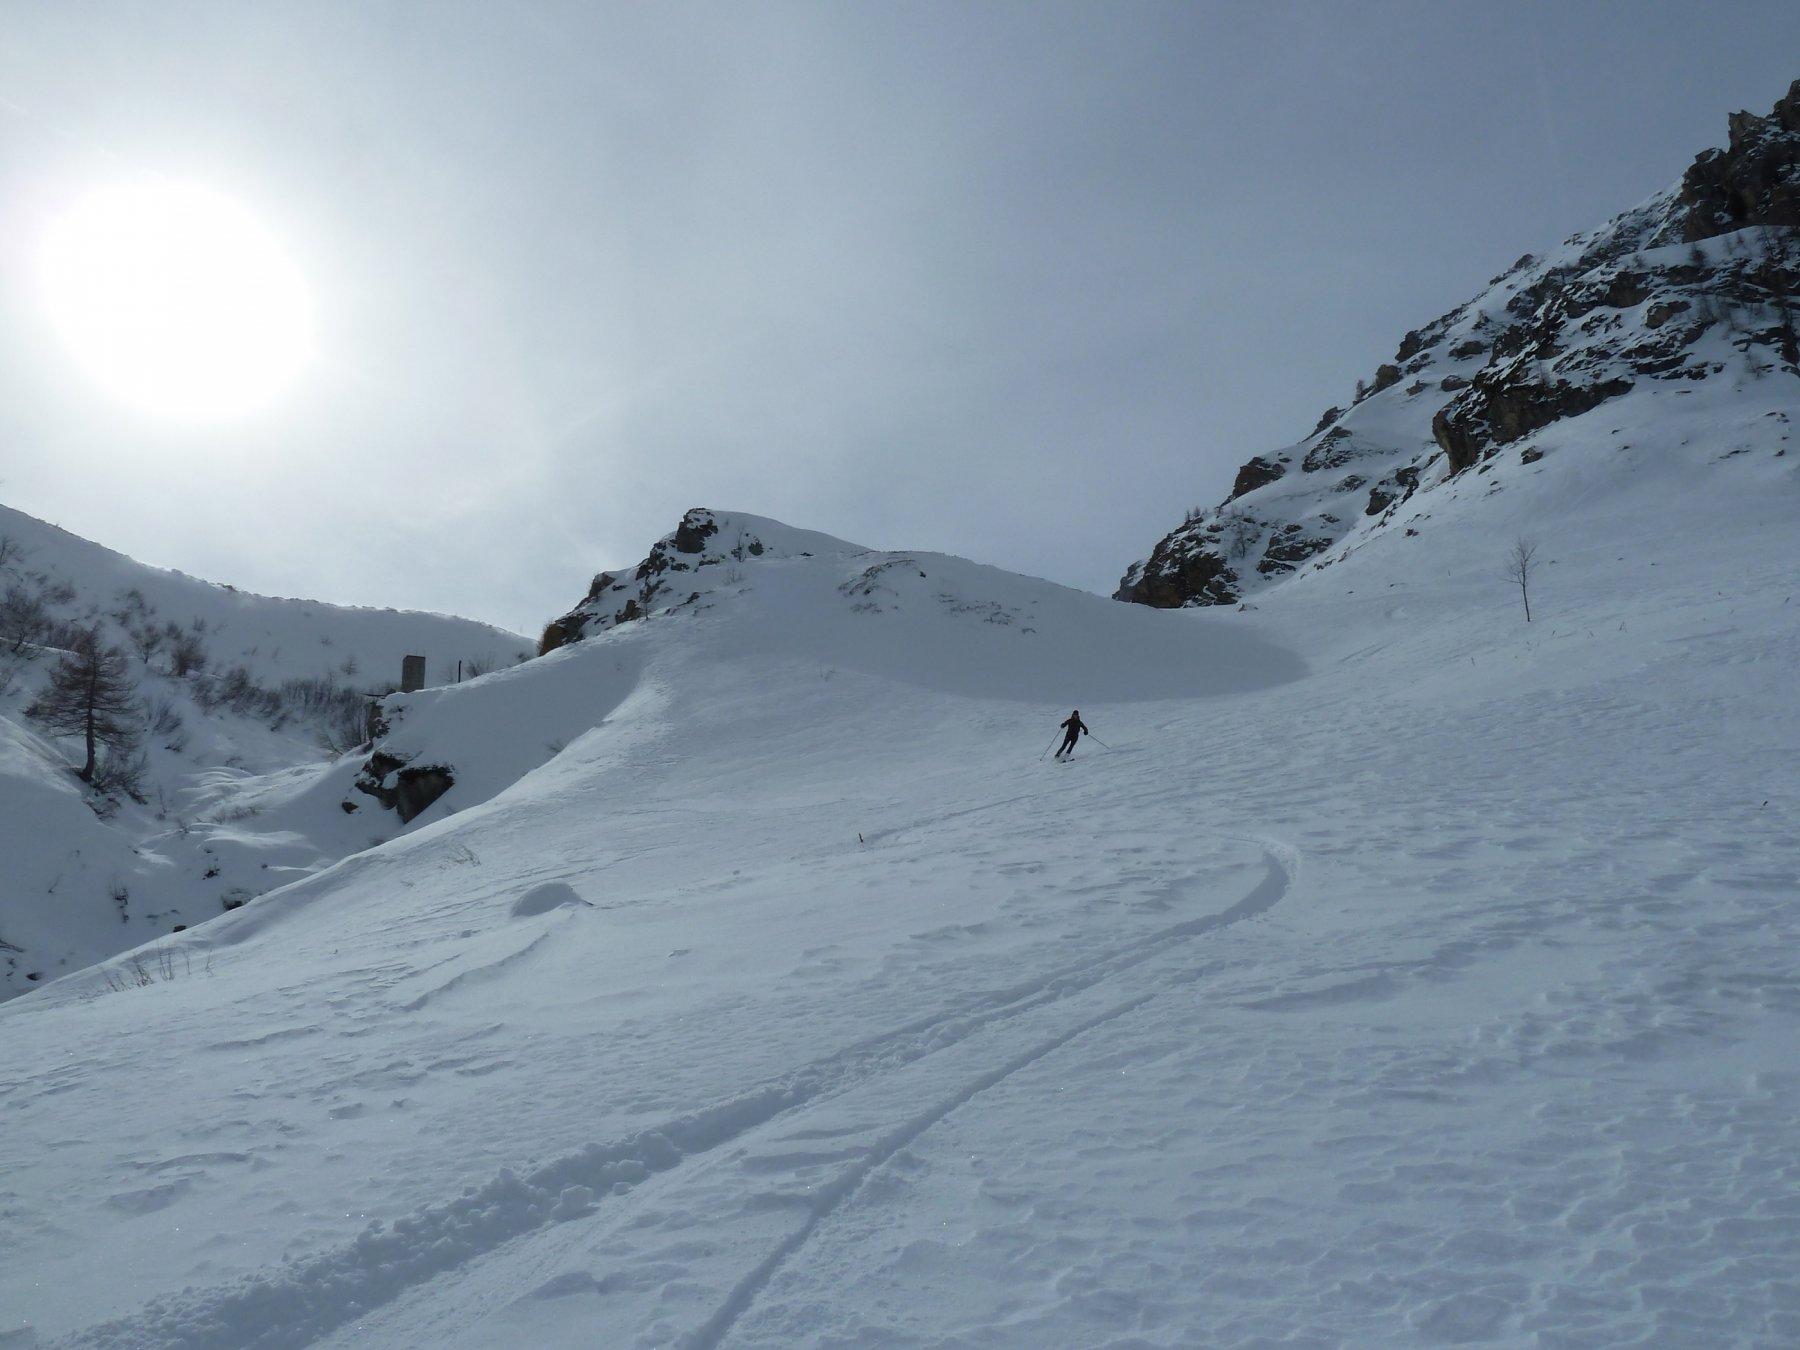 bella neve nelle zone riparate dal vento